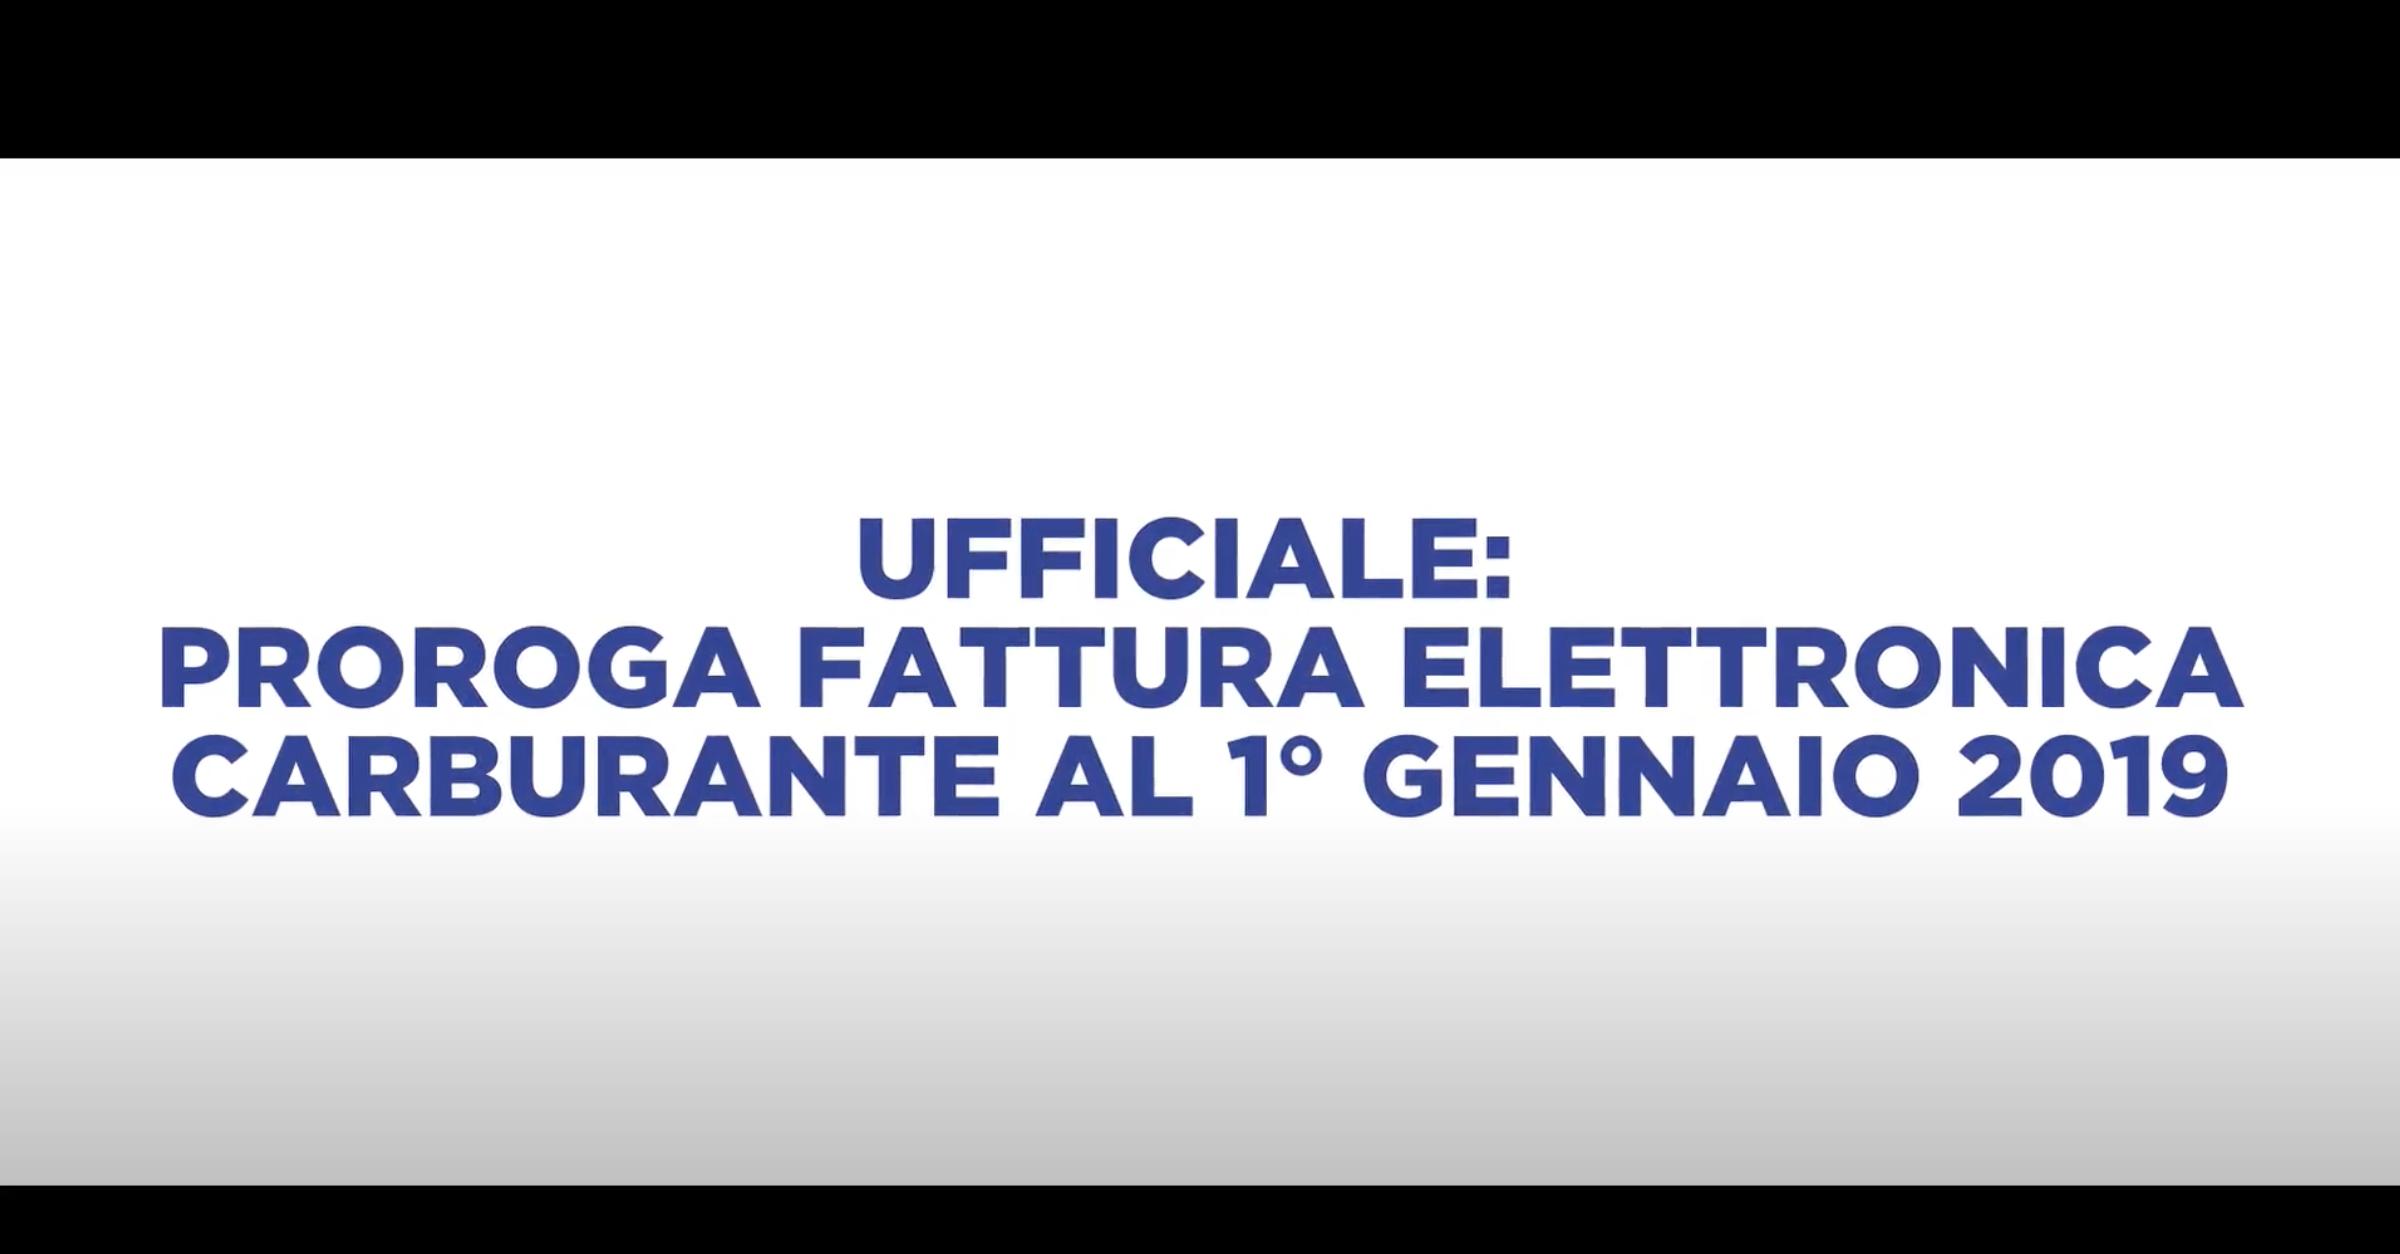 UFFICIALE: PROROGA FATTURA ELETTRONICA CARBURANTE AL 1° GENNAIO 2019